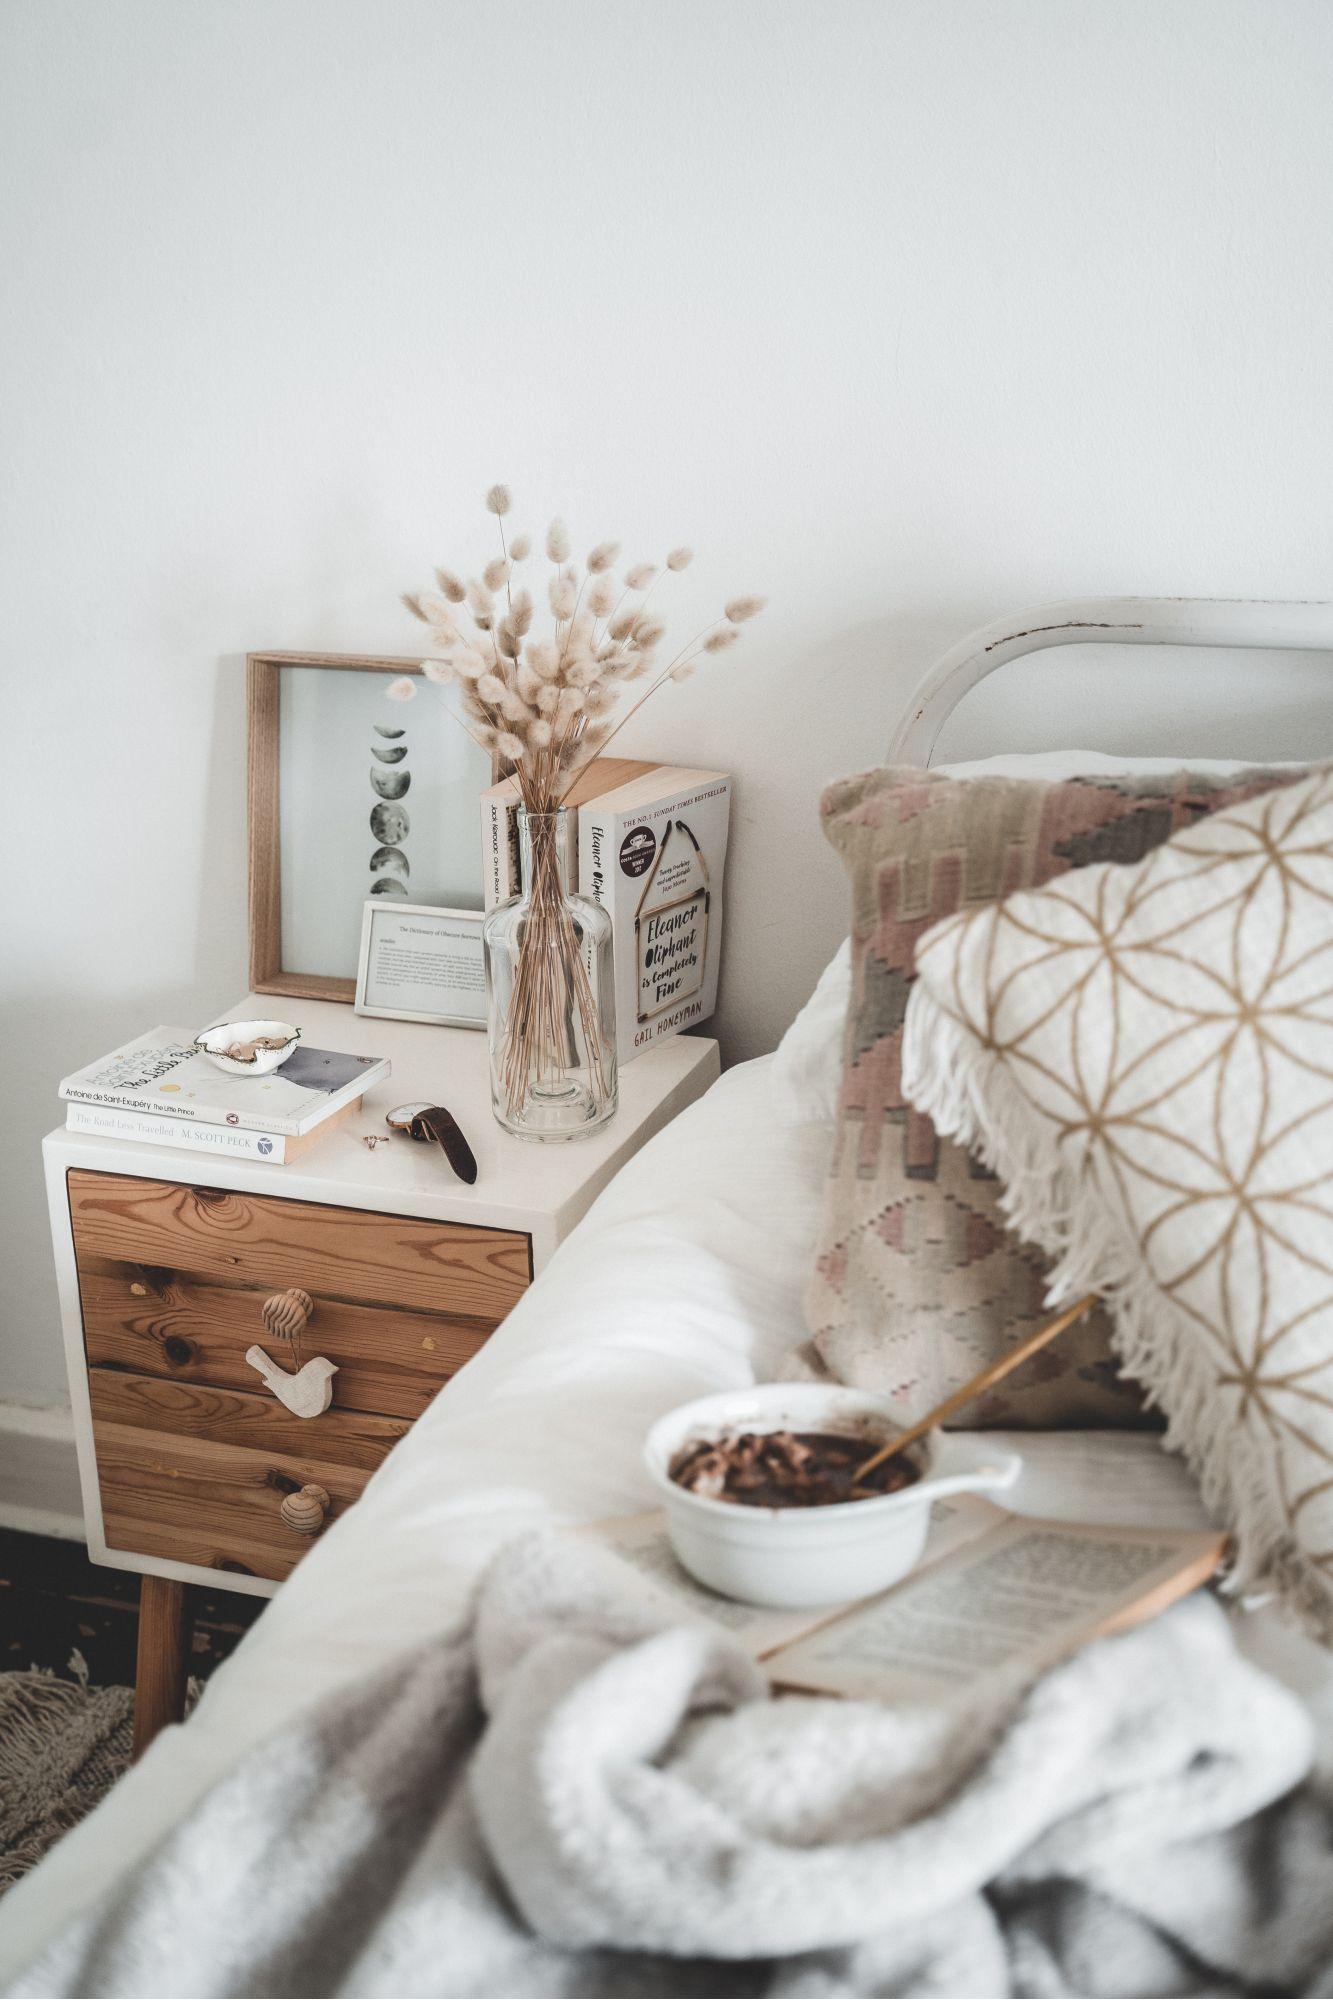 Stile scandi boho in camera da letto